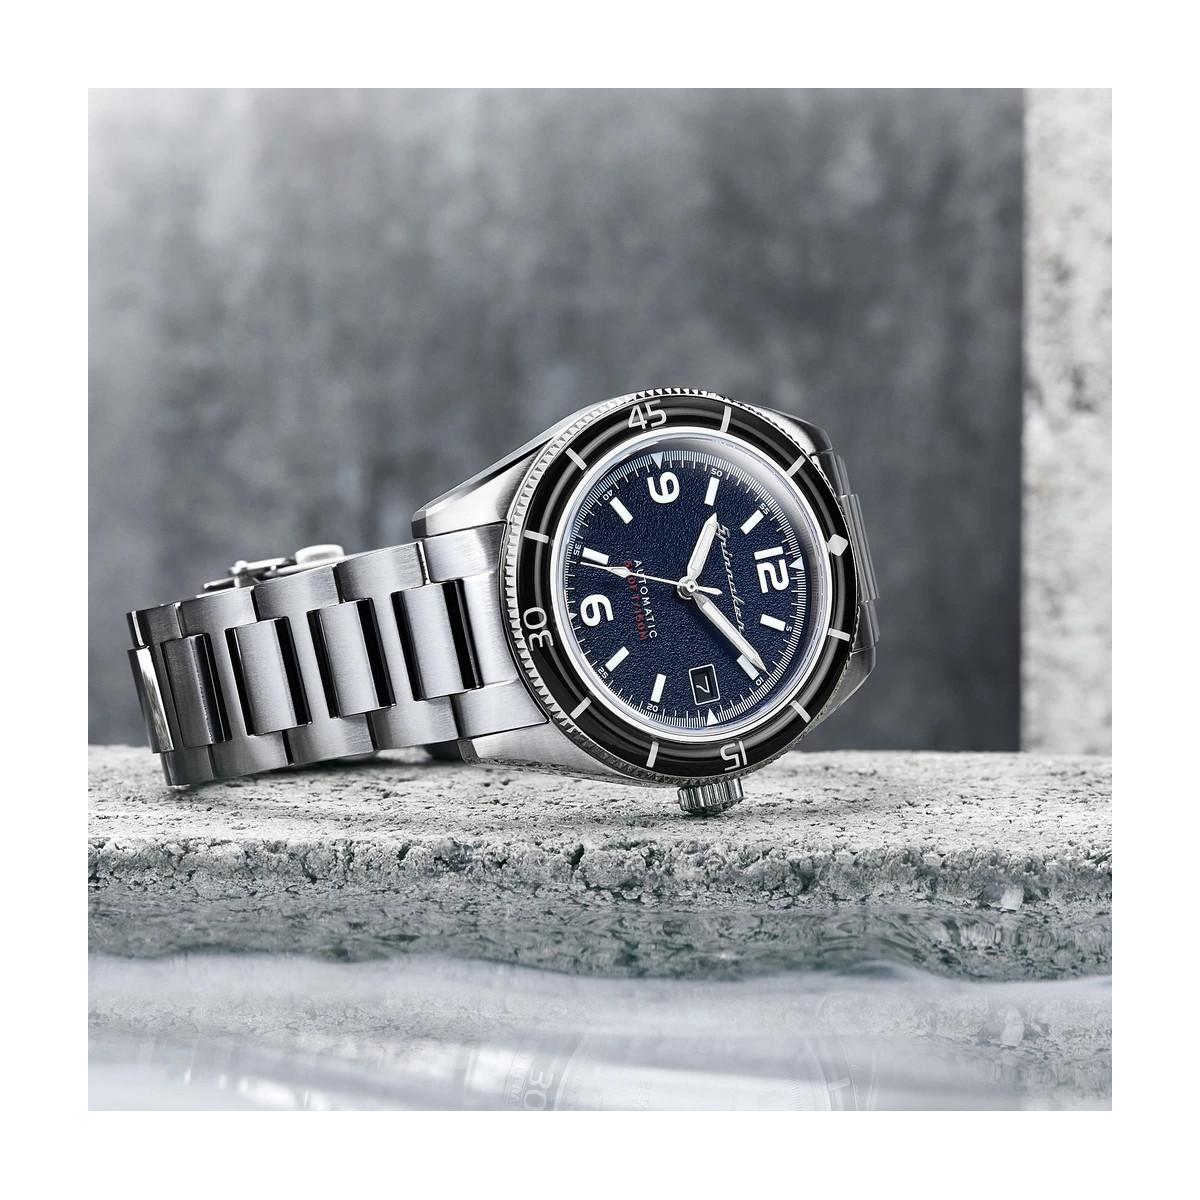 Montre Homme Spinnaker FLEUSS Automatique Cadran bleu Bracelet acier